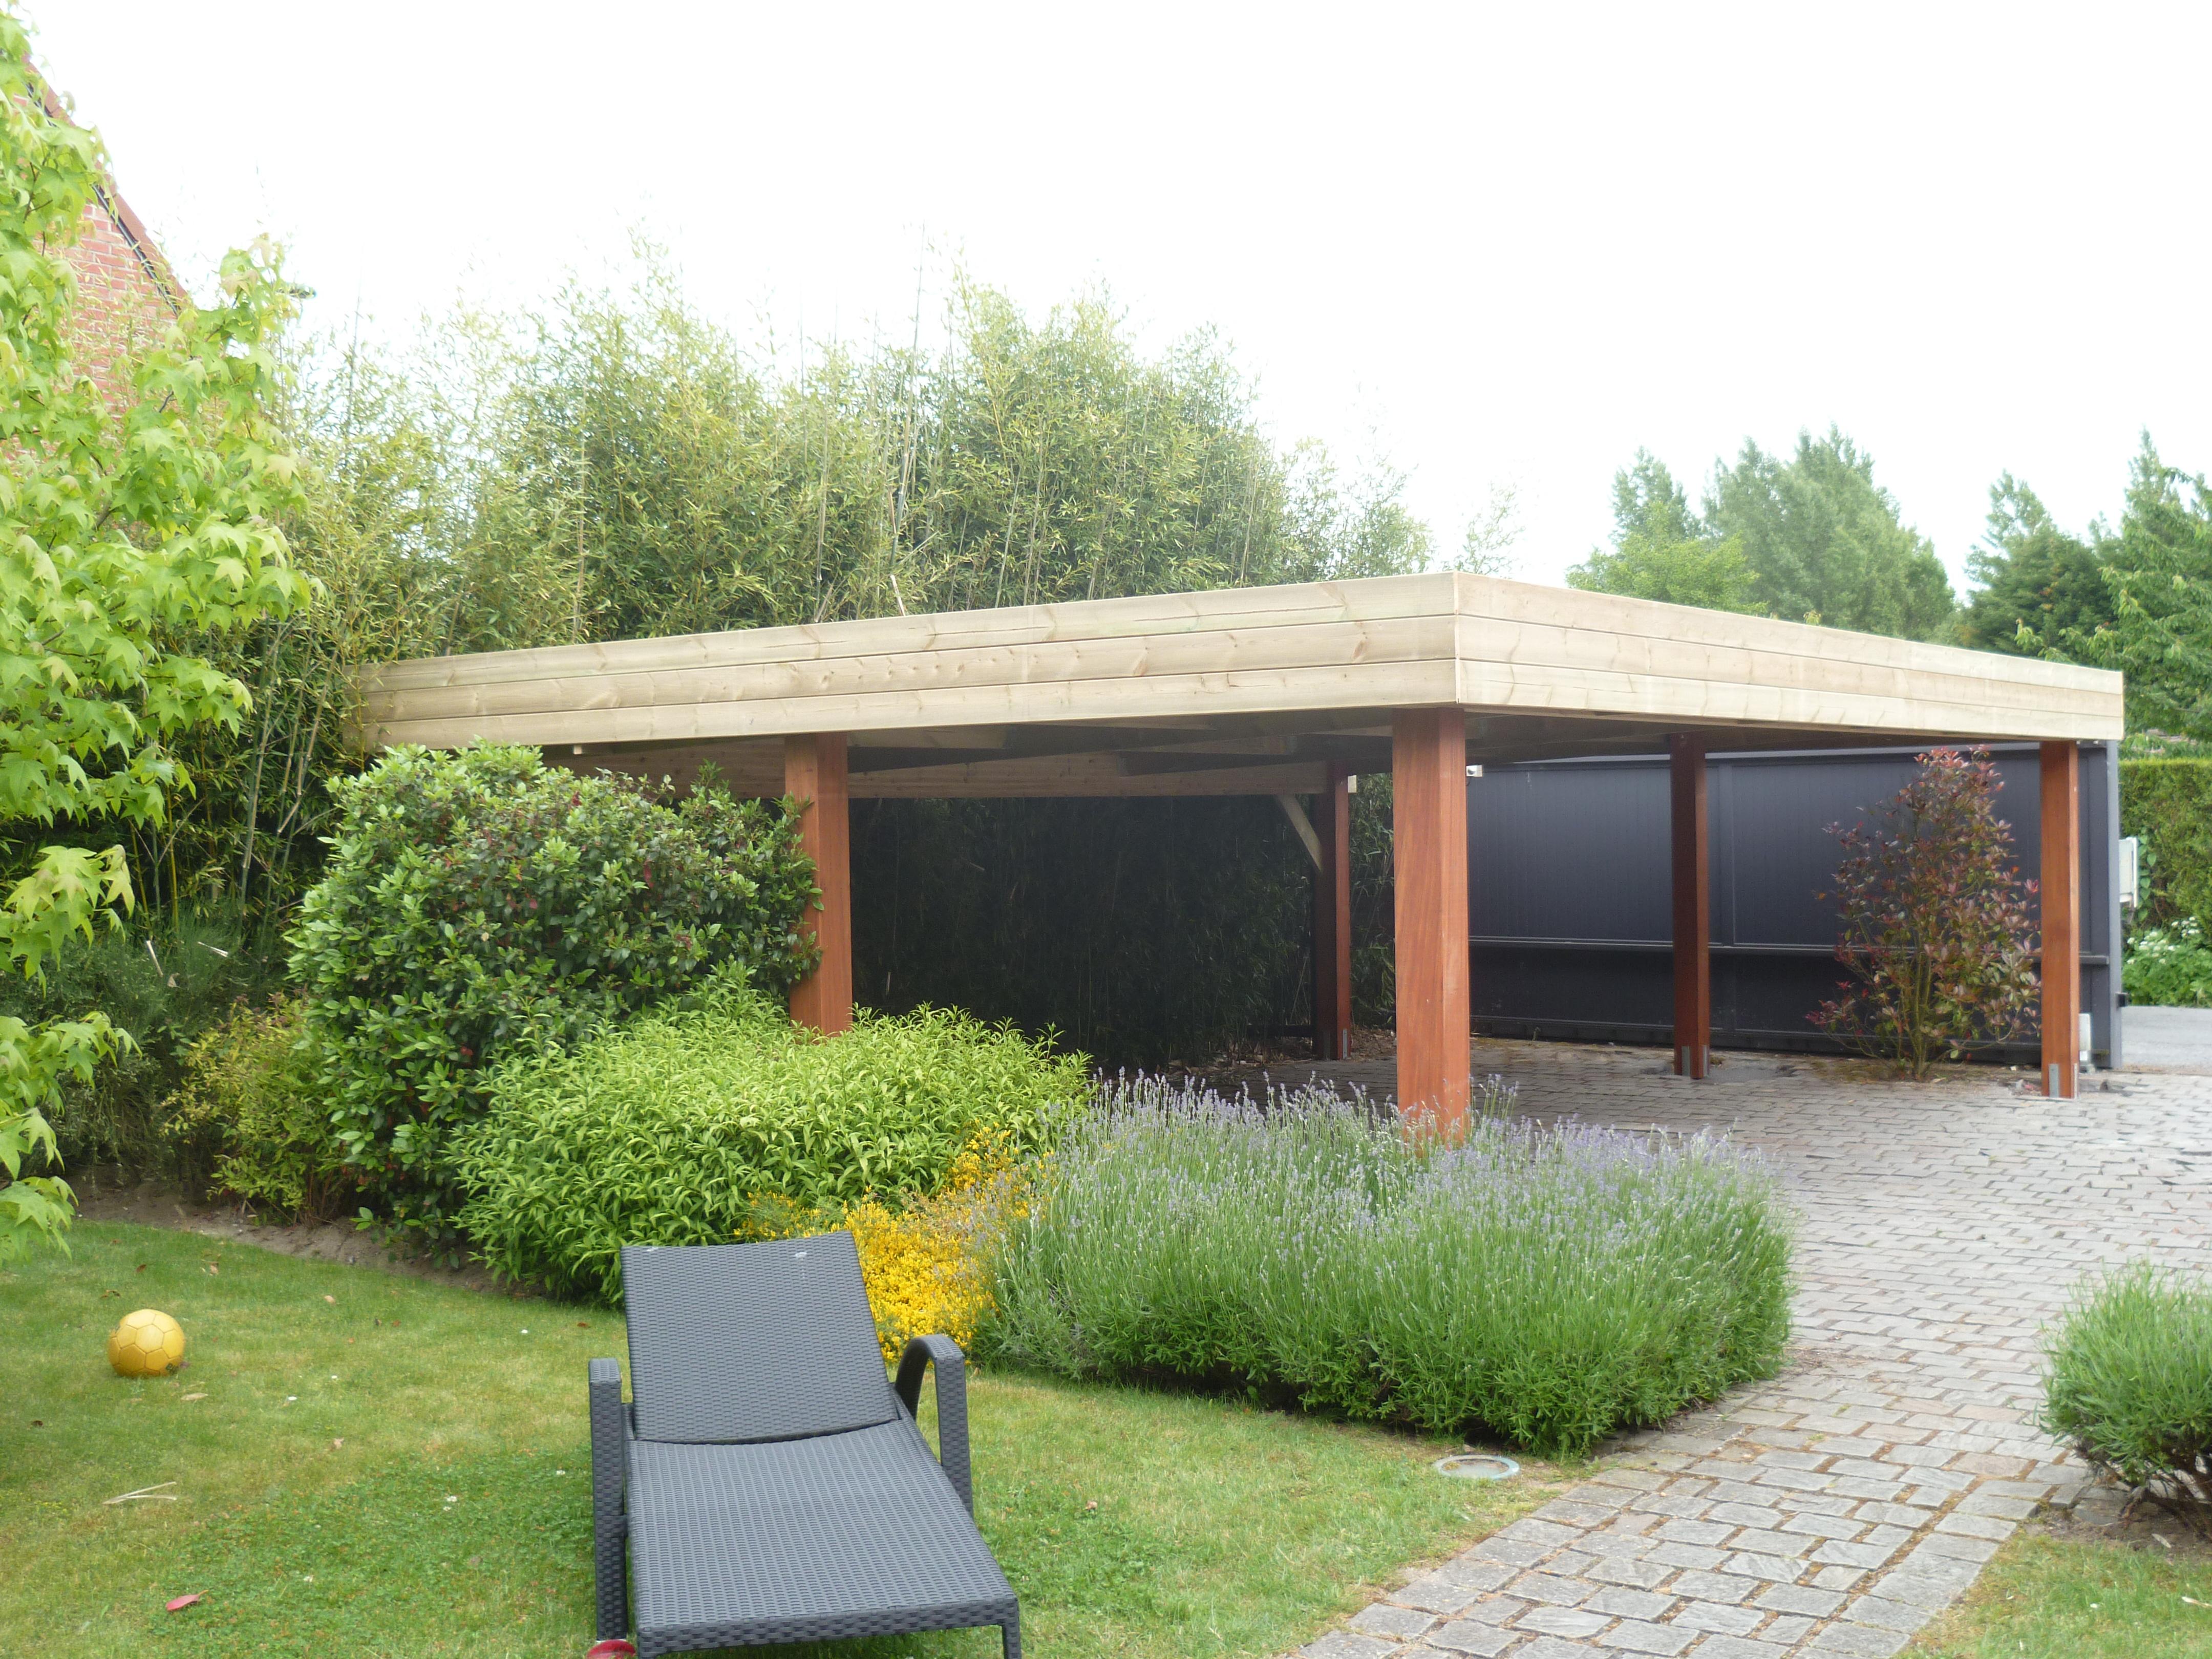 Construire Abris Bois carport abri voiture toit plat 6,00 m x 6,00 m